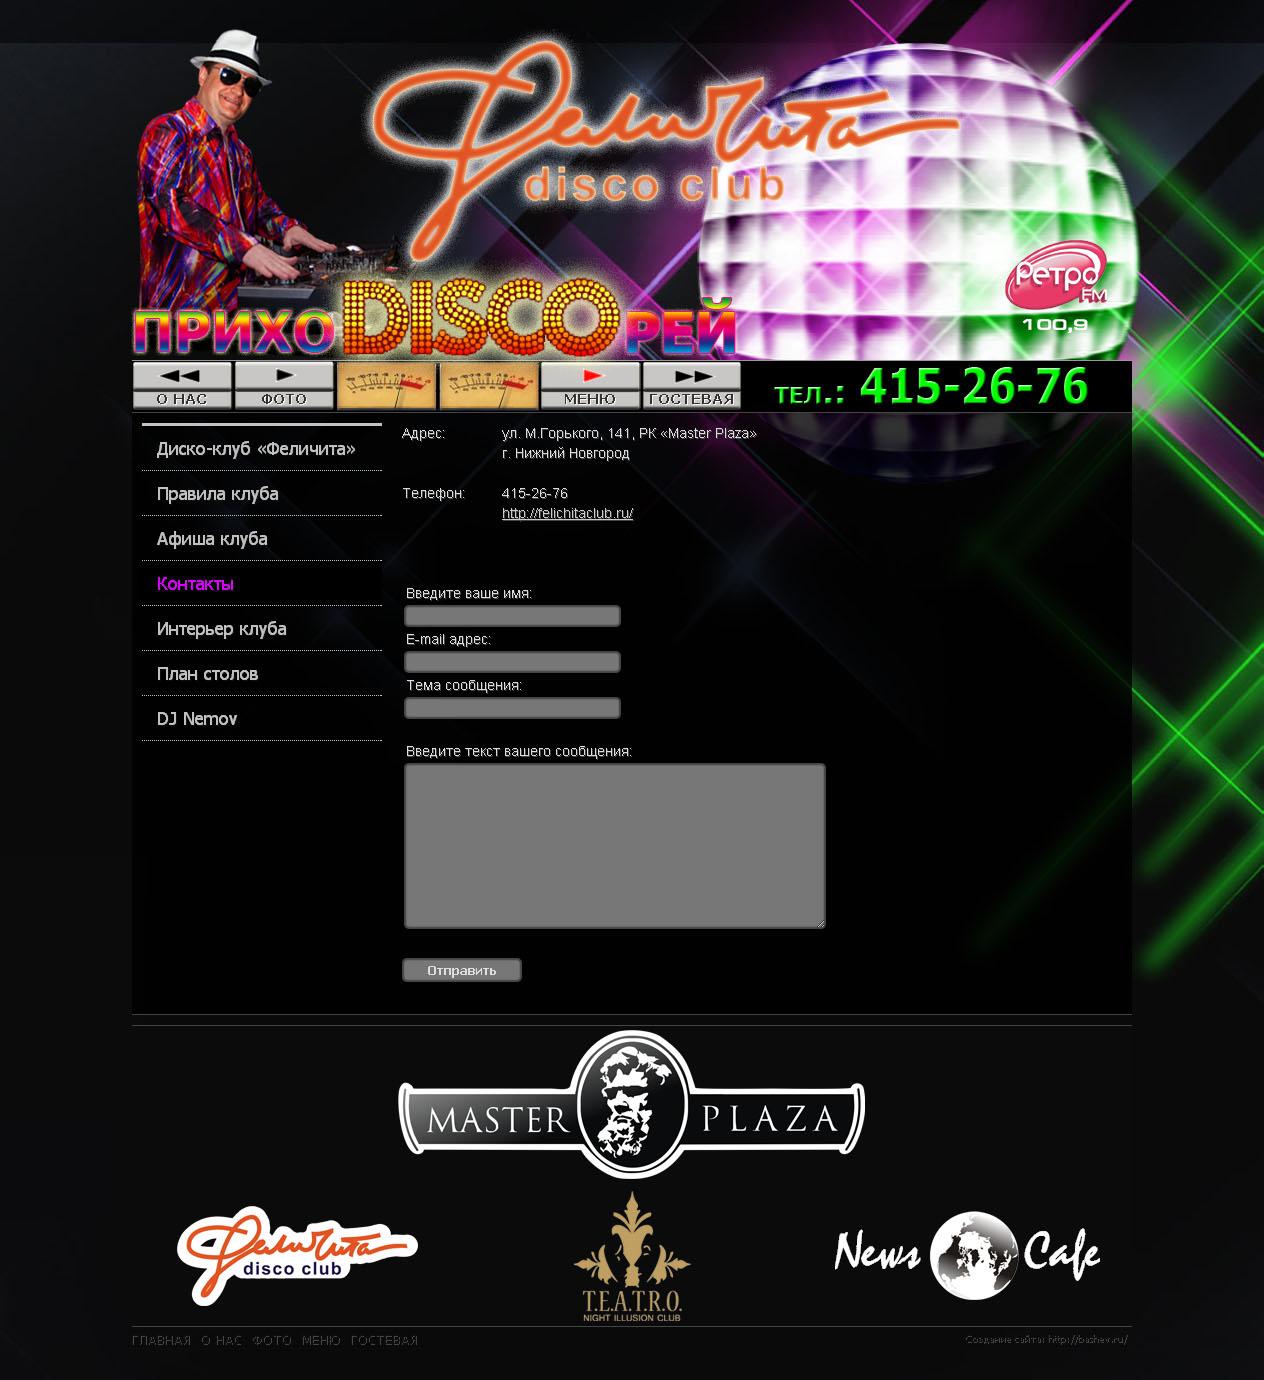 диско клуб феличита нижний новгород официальный сайт